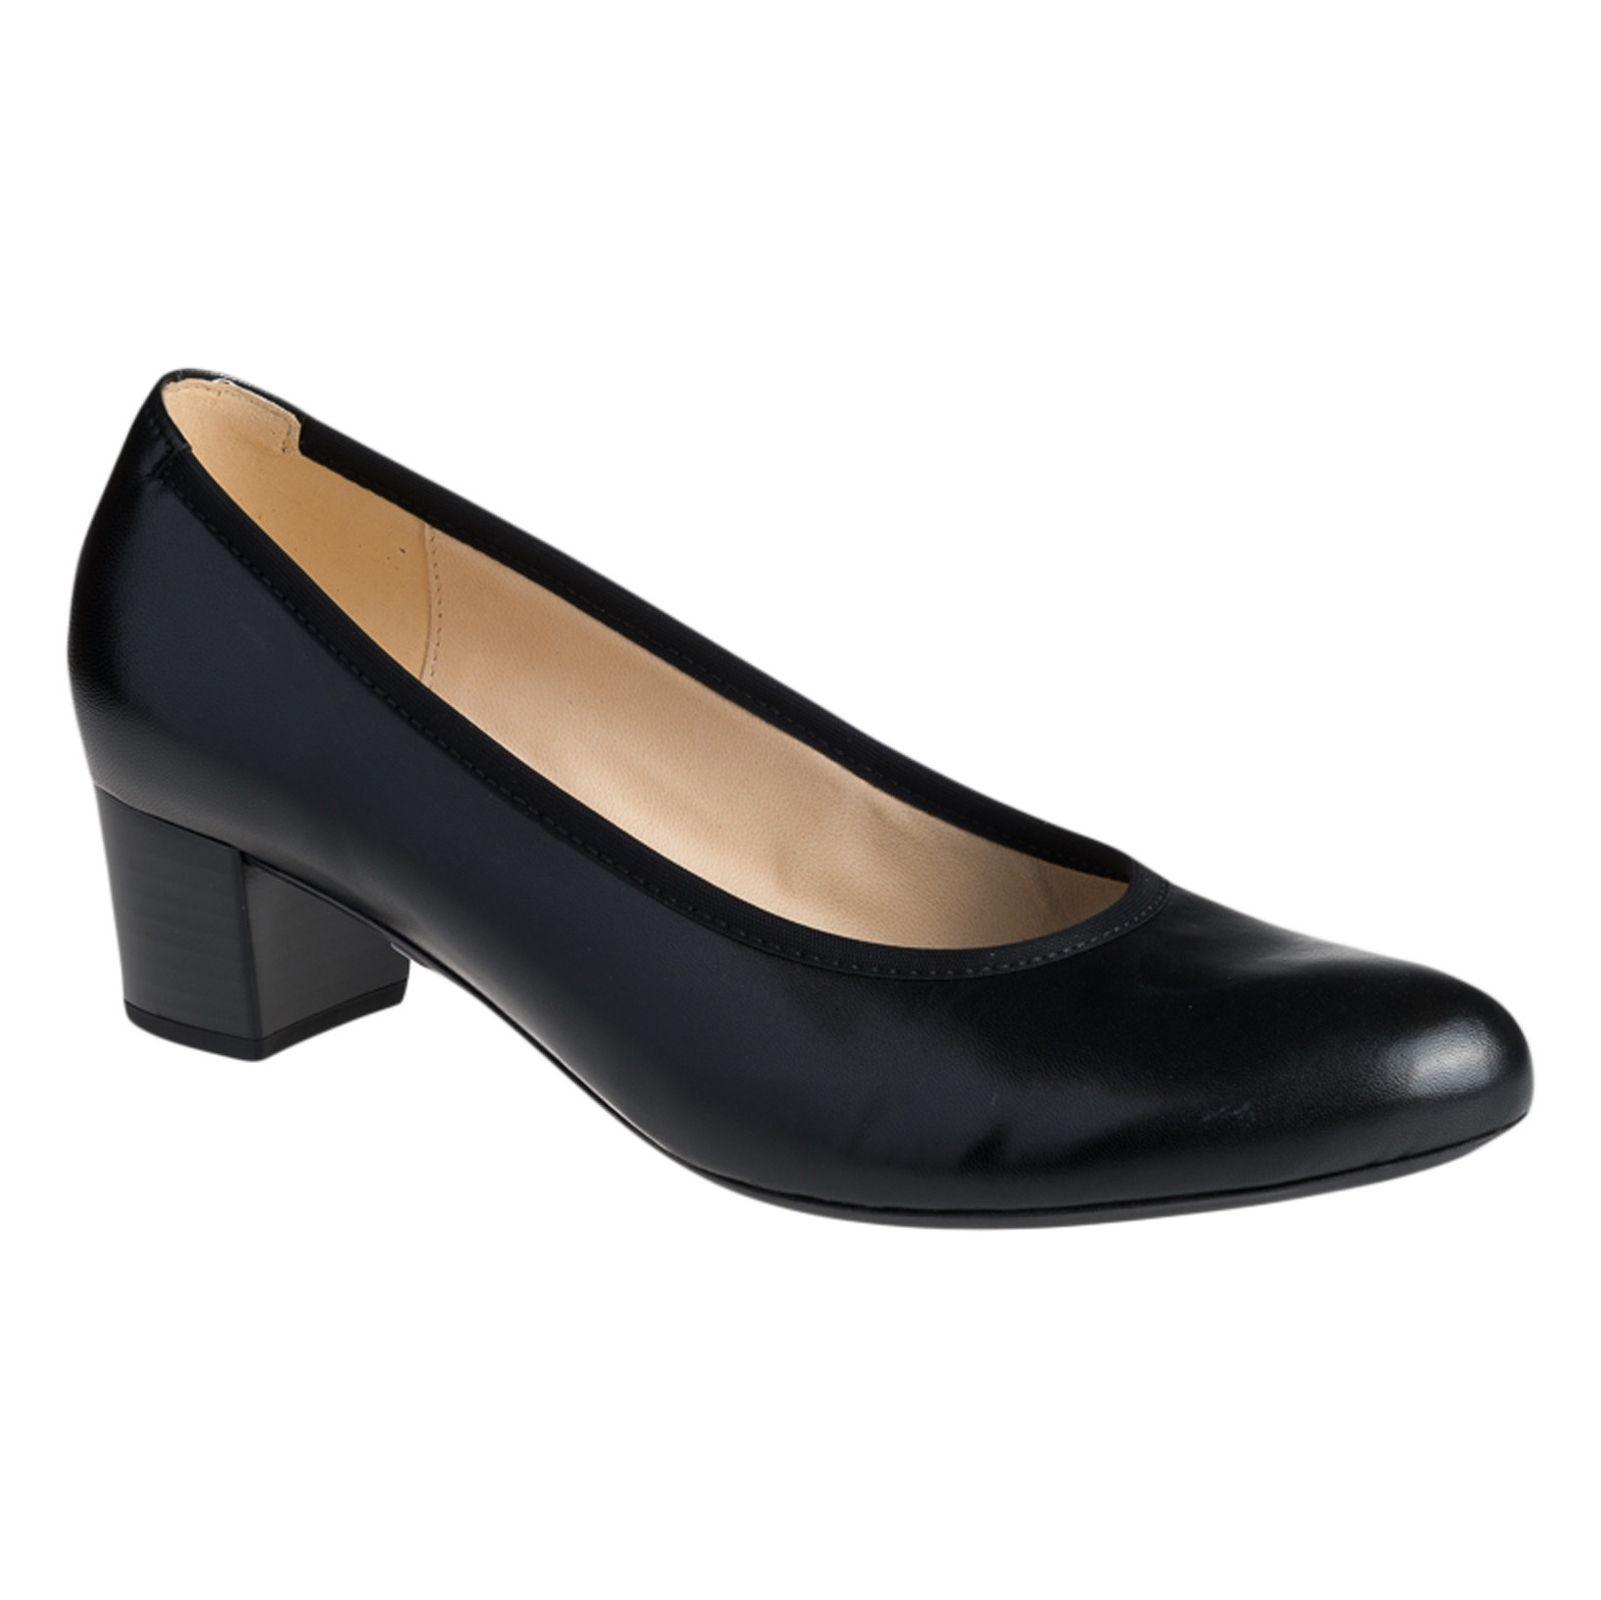 کفش زنانه گابور مدل 65.380.27 main 1 4